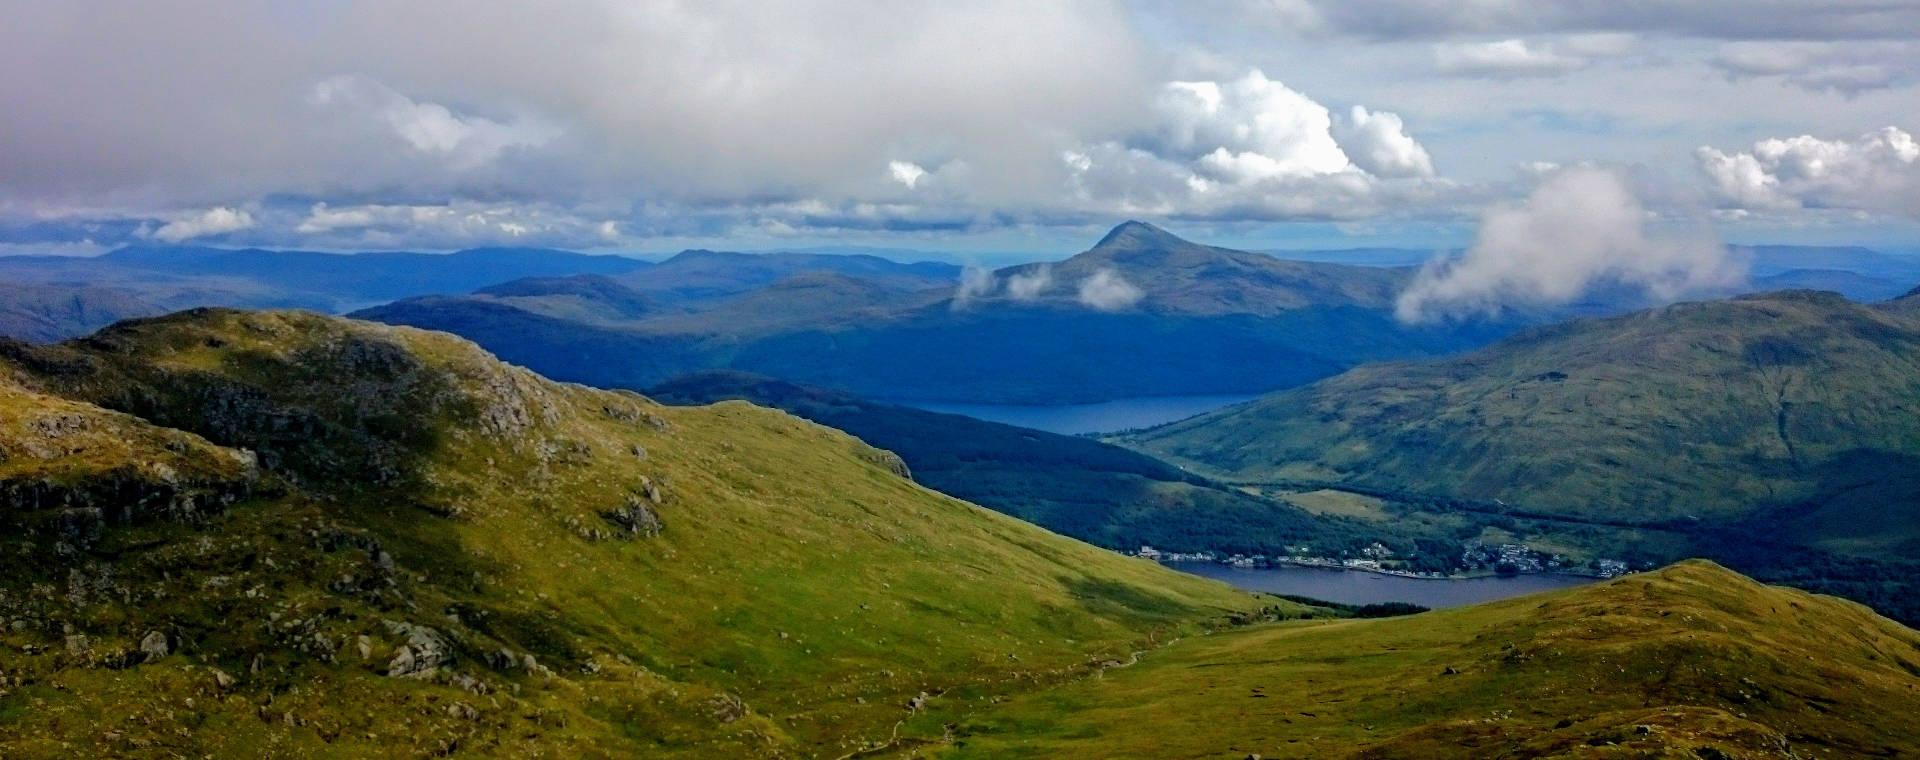 Pohled na vrchol Ben Lomond